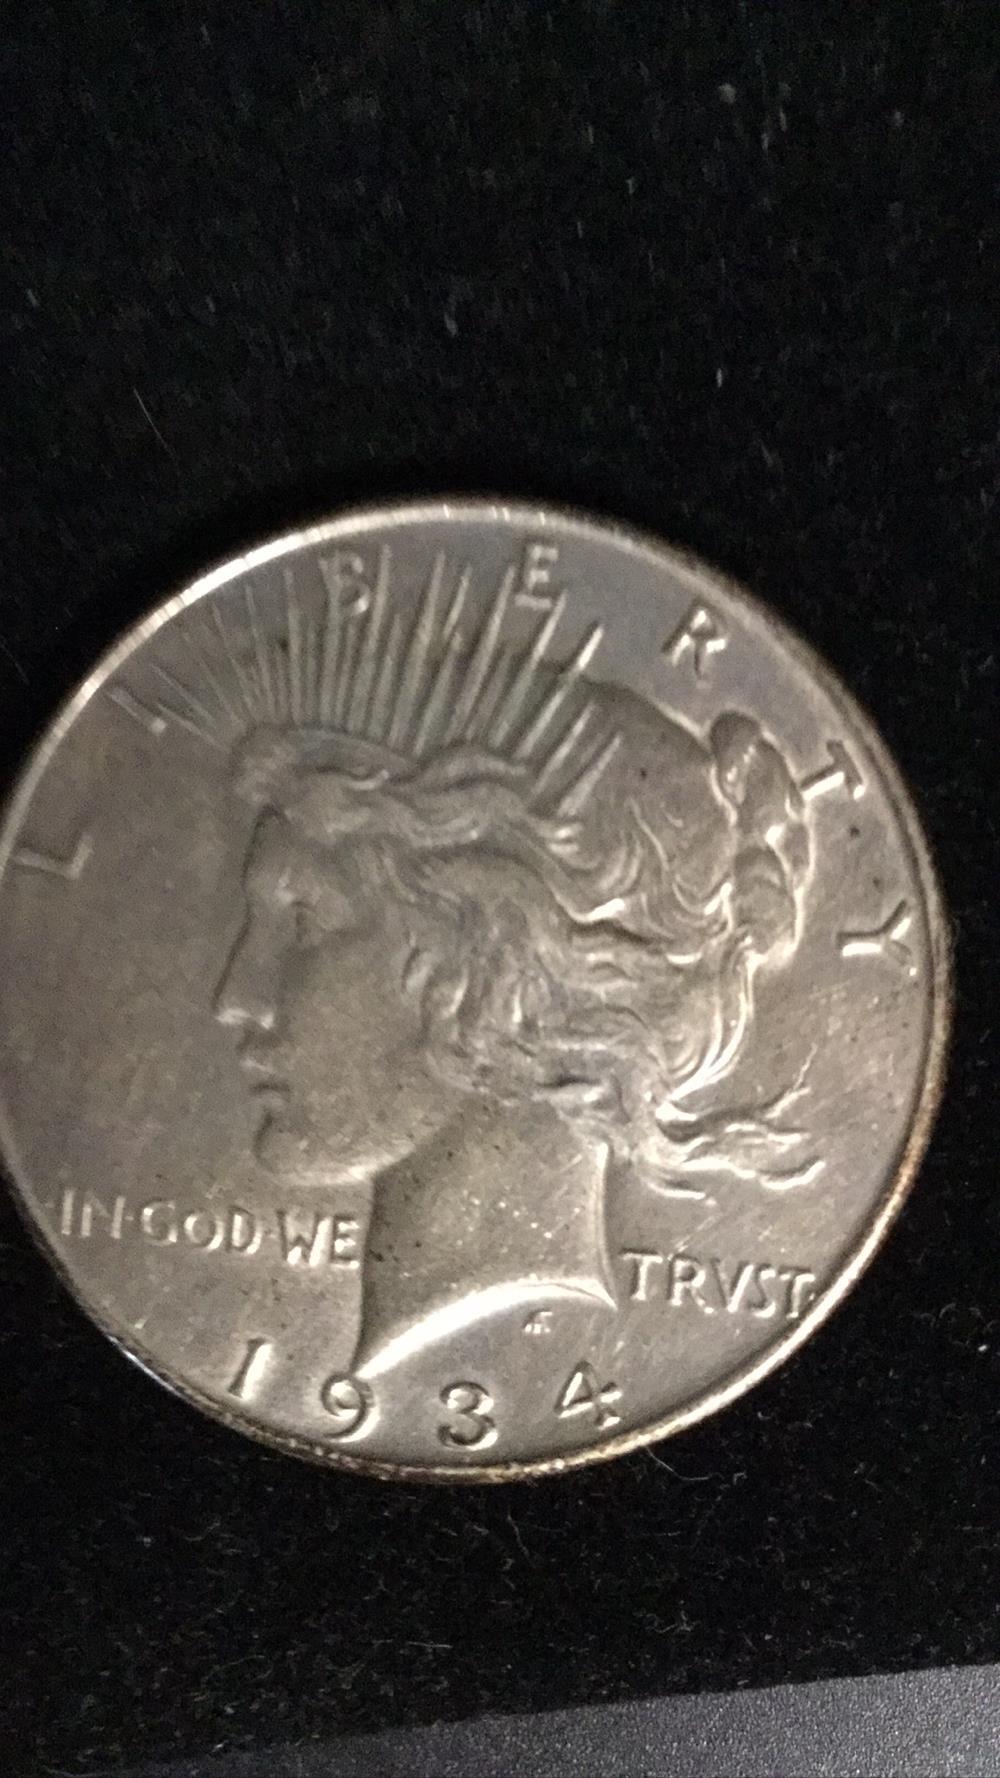 Lot 1: 1934 peace dollar